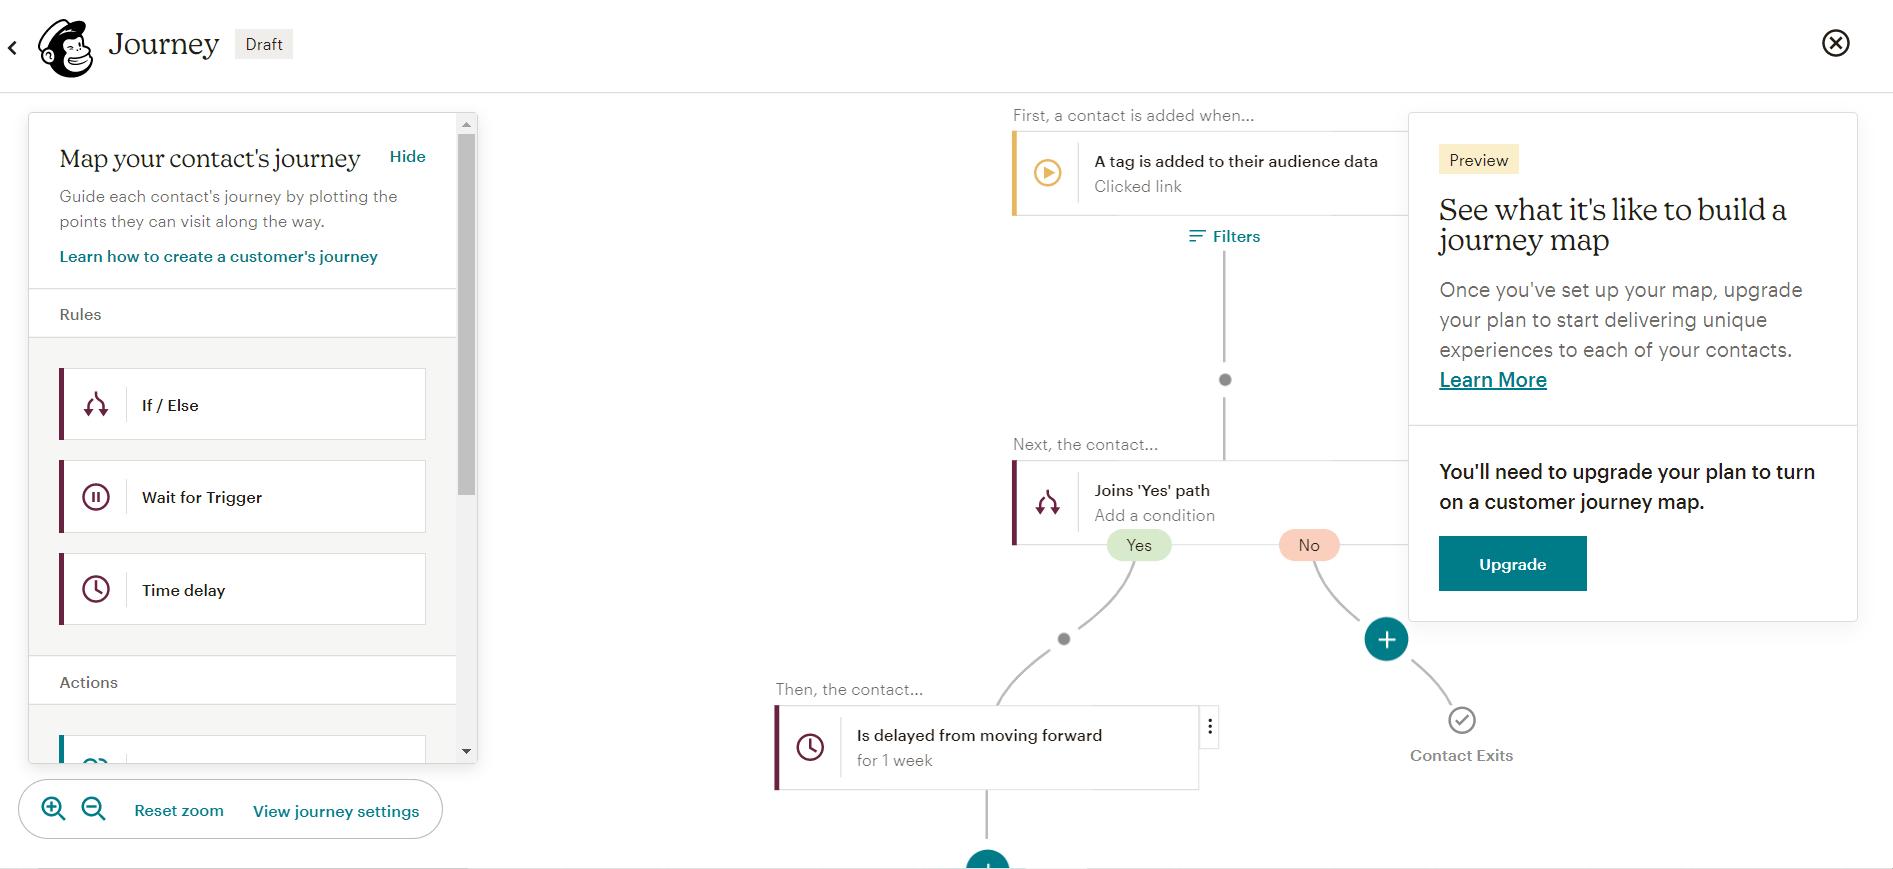 Mailchimp's automation suite